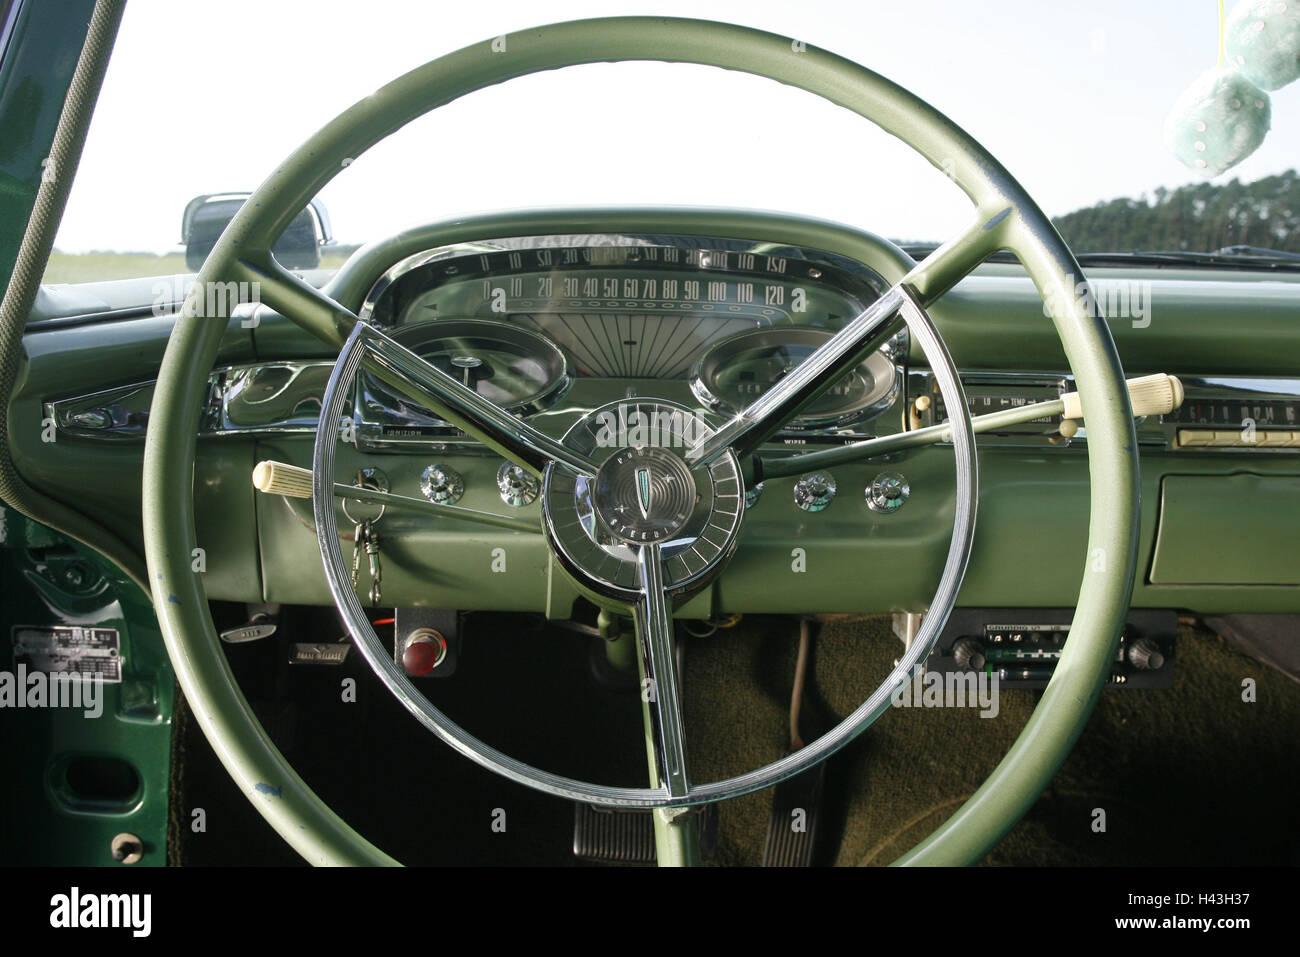 oldtimer ford edsel cockpit der 50er jahre armaturen. Black Bedroom Furniture Sets. Home Design Ideas